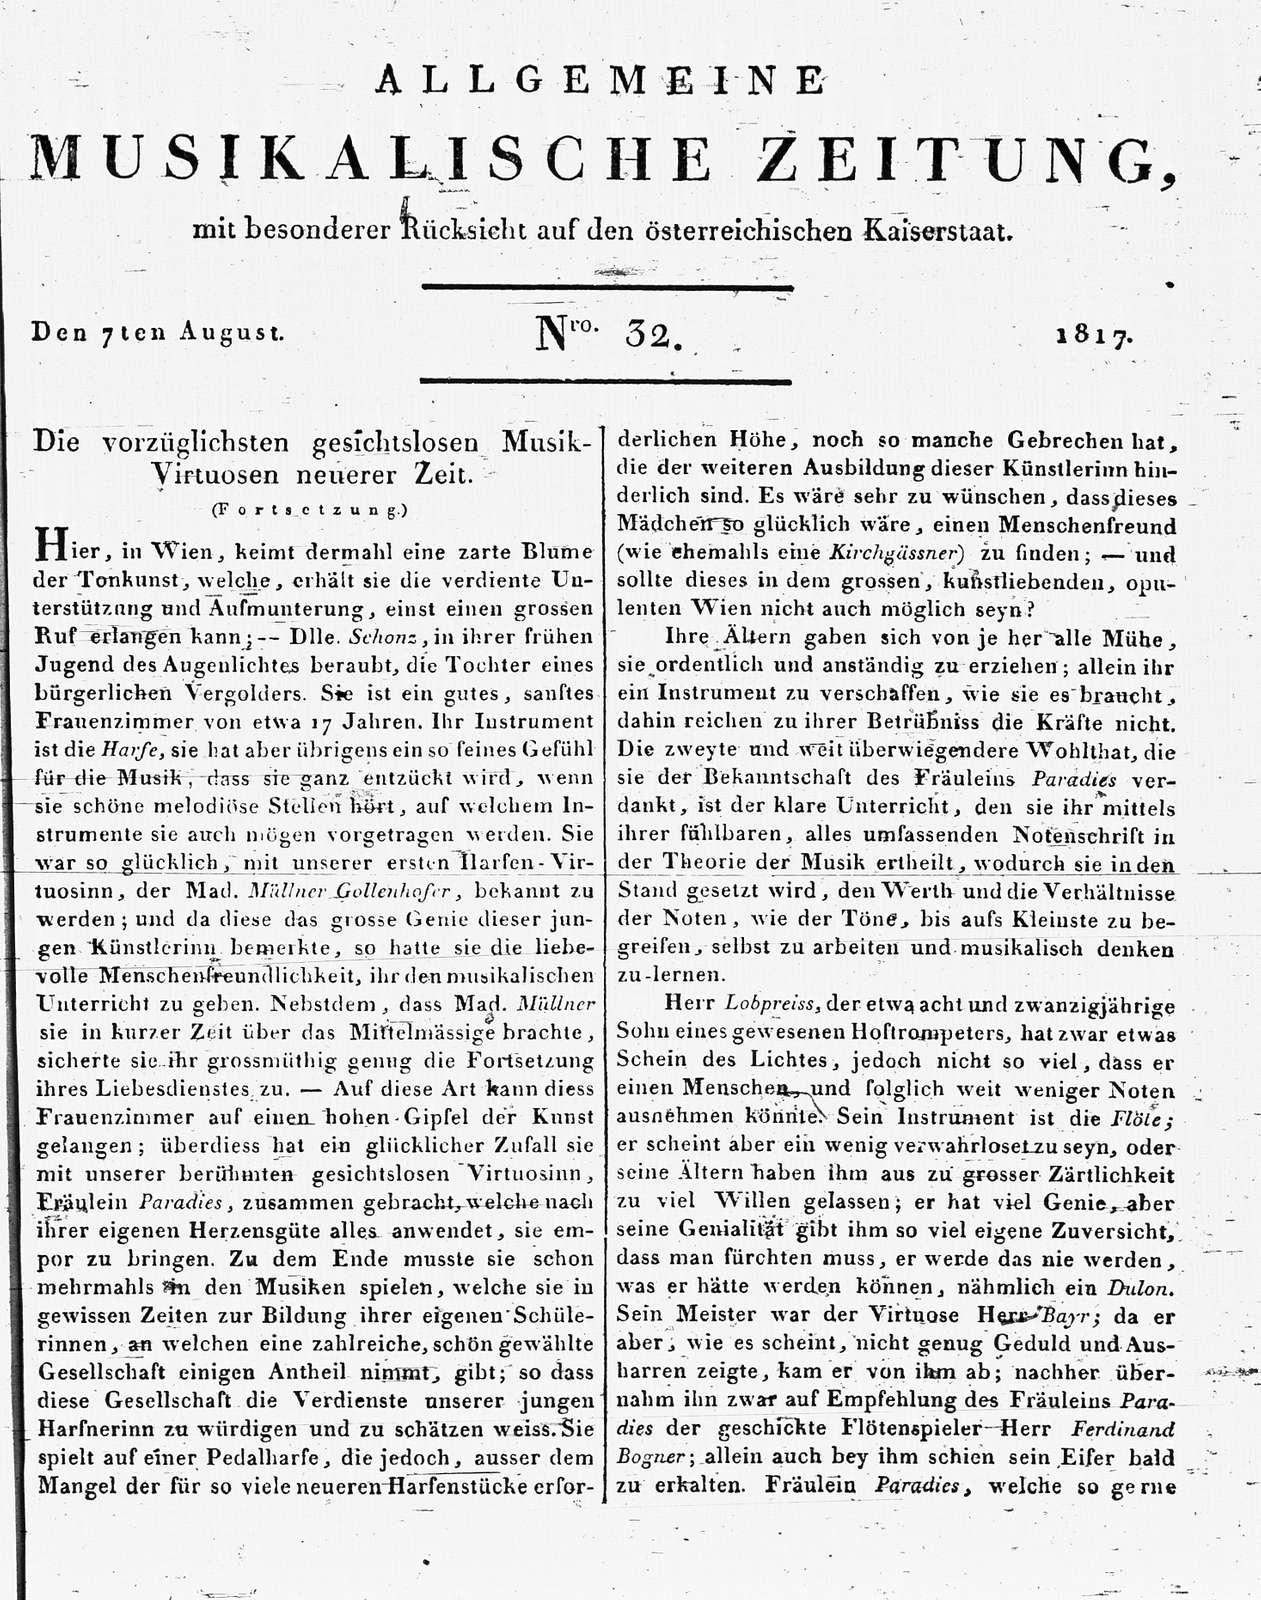 Allgemeine Musikalische Zeitung , Vol. 1, no. 32